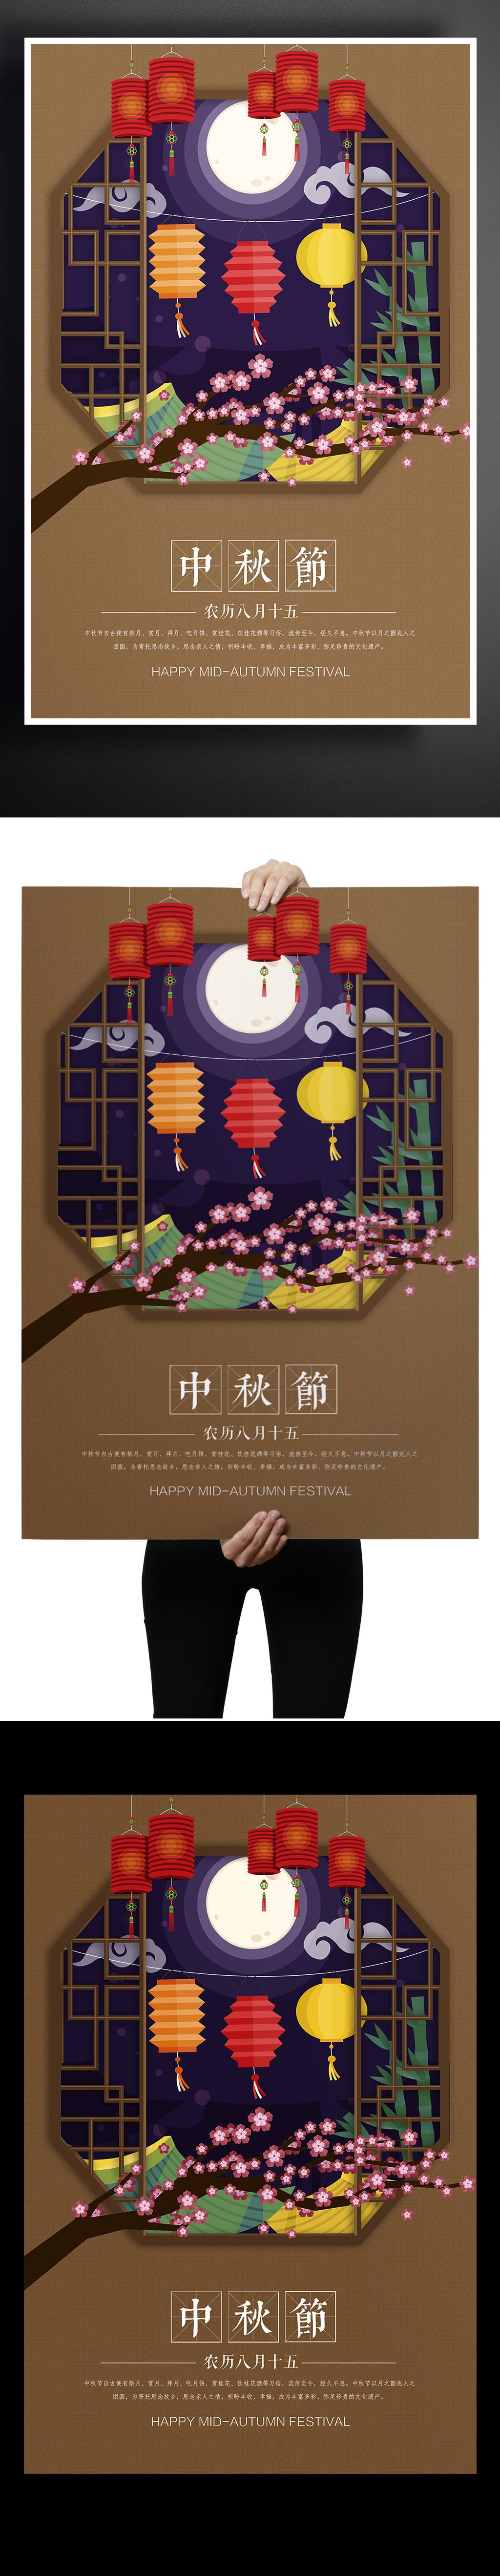 创意灯笼窗户中秋节手绘海报图片设计素材_高清psd(9.